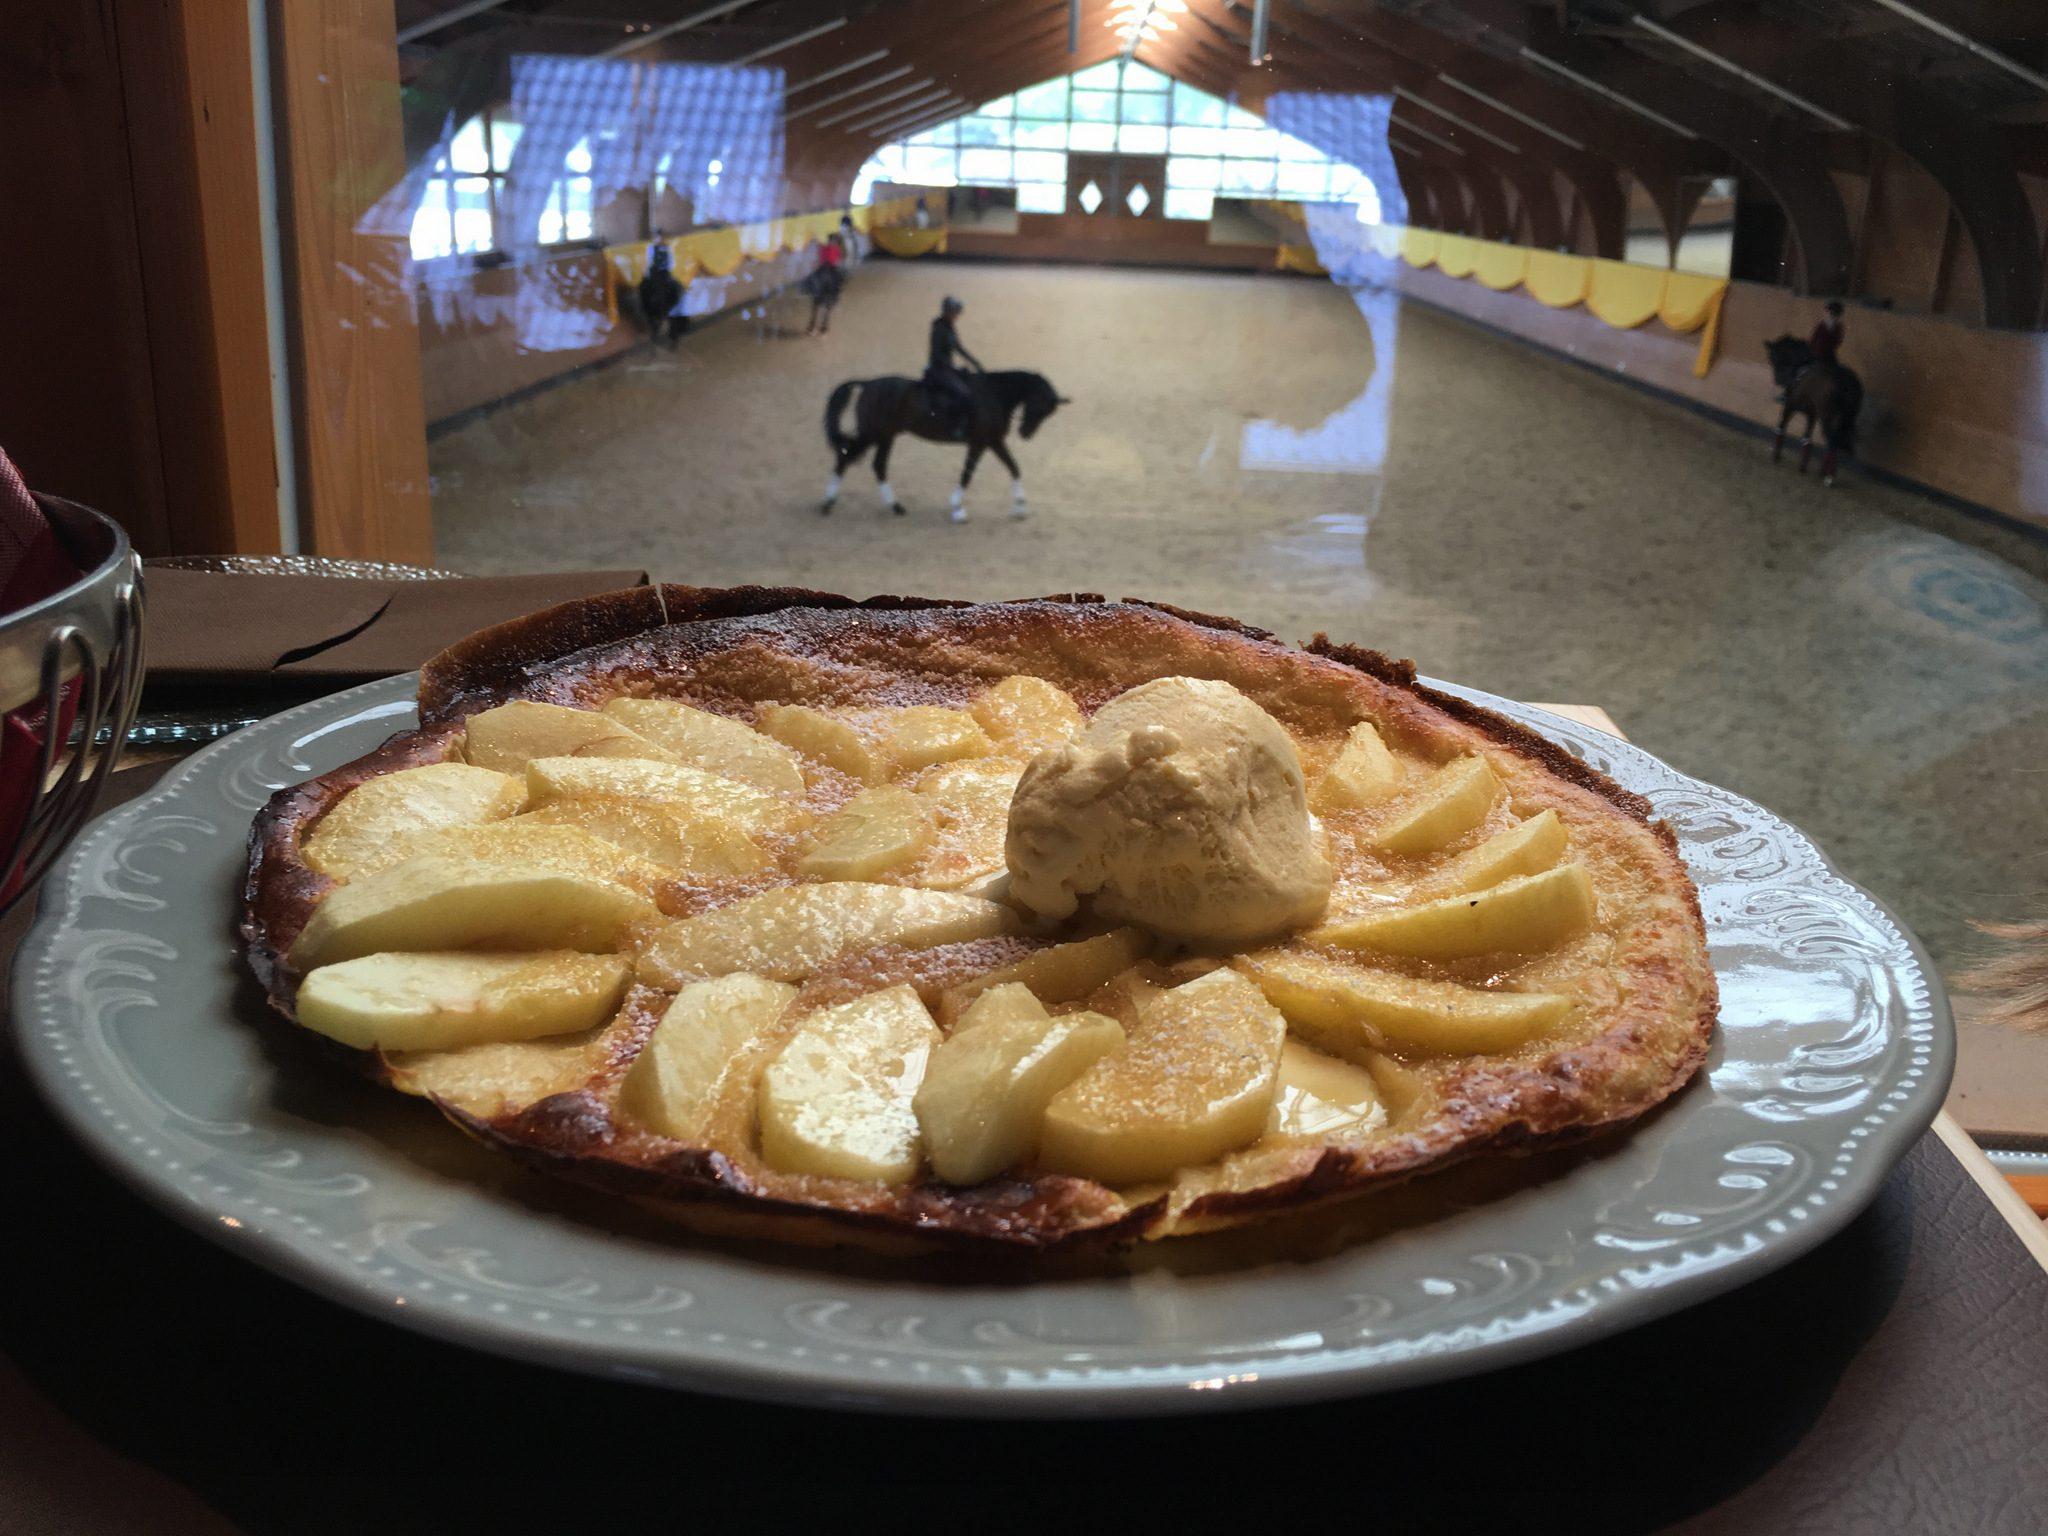 Apfelpfannkuchen mit Eis.